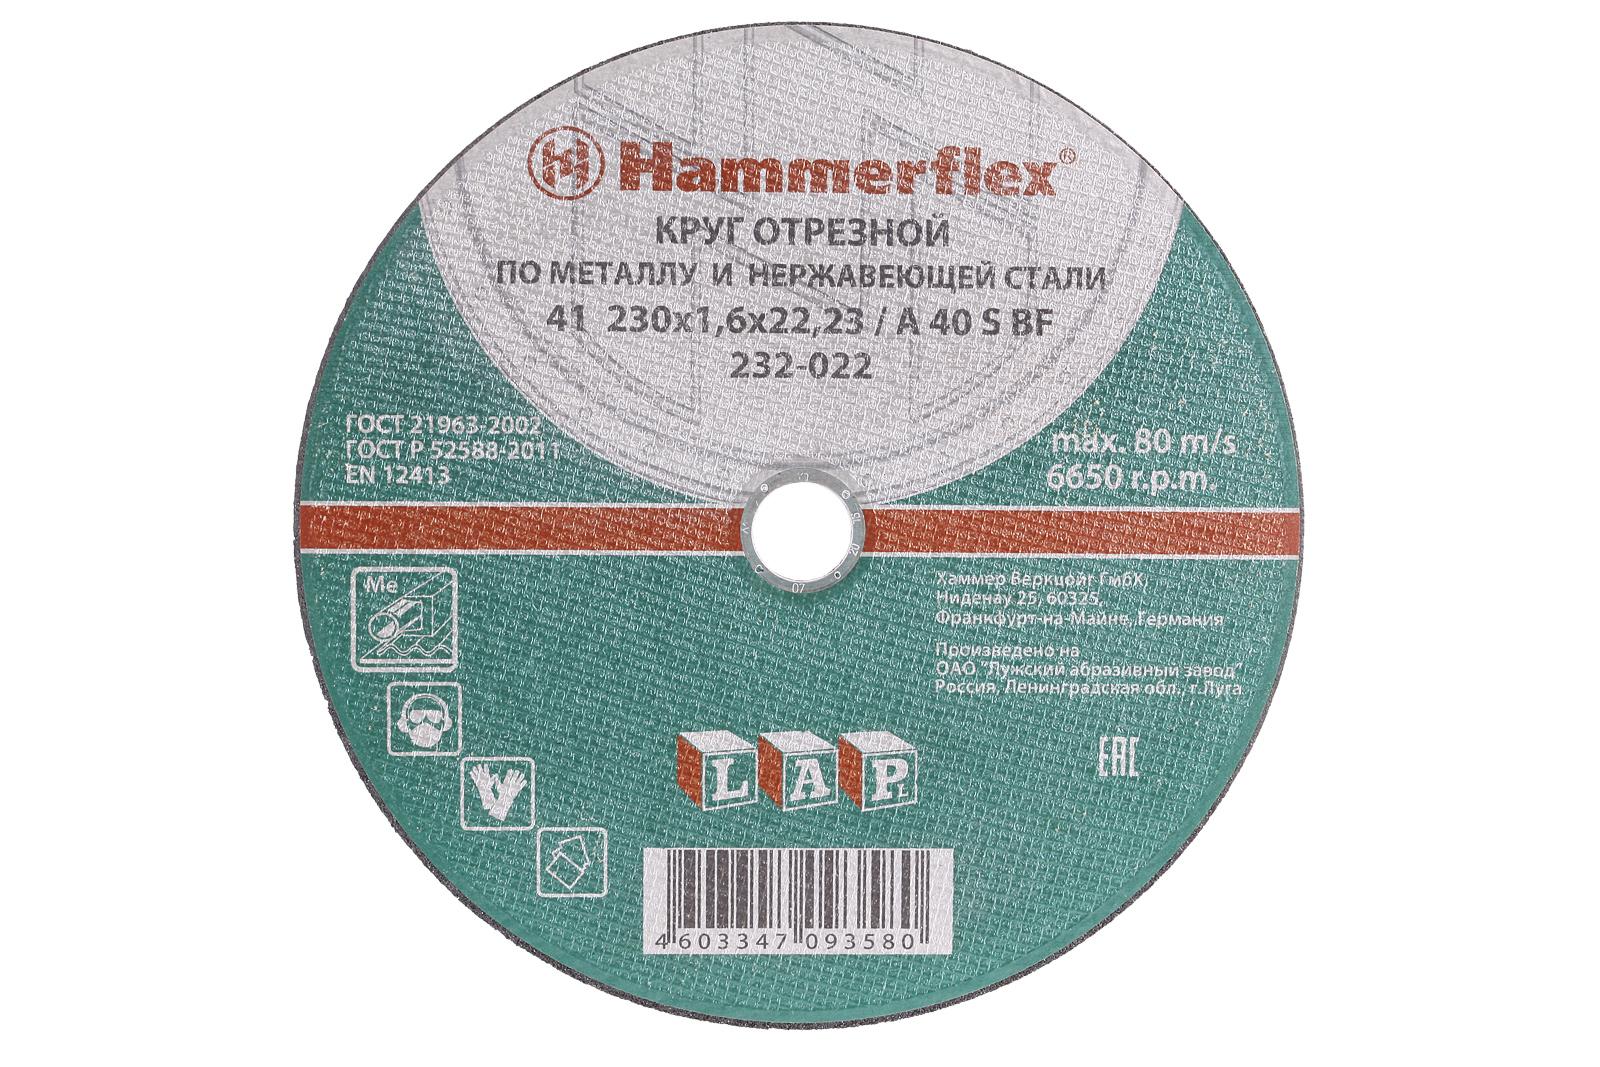 Круг отрезной Hammer 230 x 1.6 x 22 по металлу и нерж.стали Коробка (100шт.) круг отрезной hammer flex 115 x 1 6 x 22 по металлу и нержавеющей стали 25шт